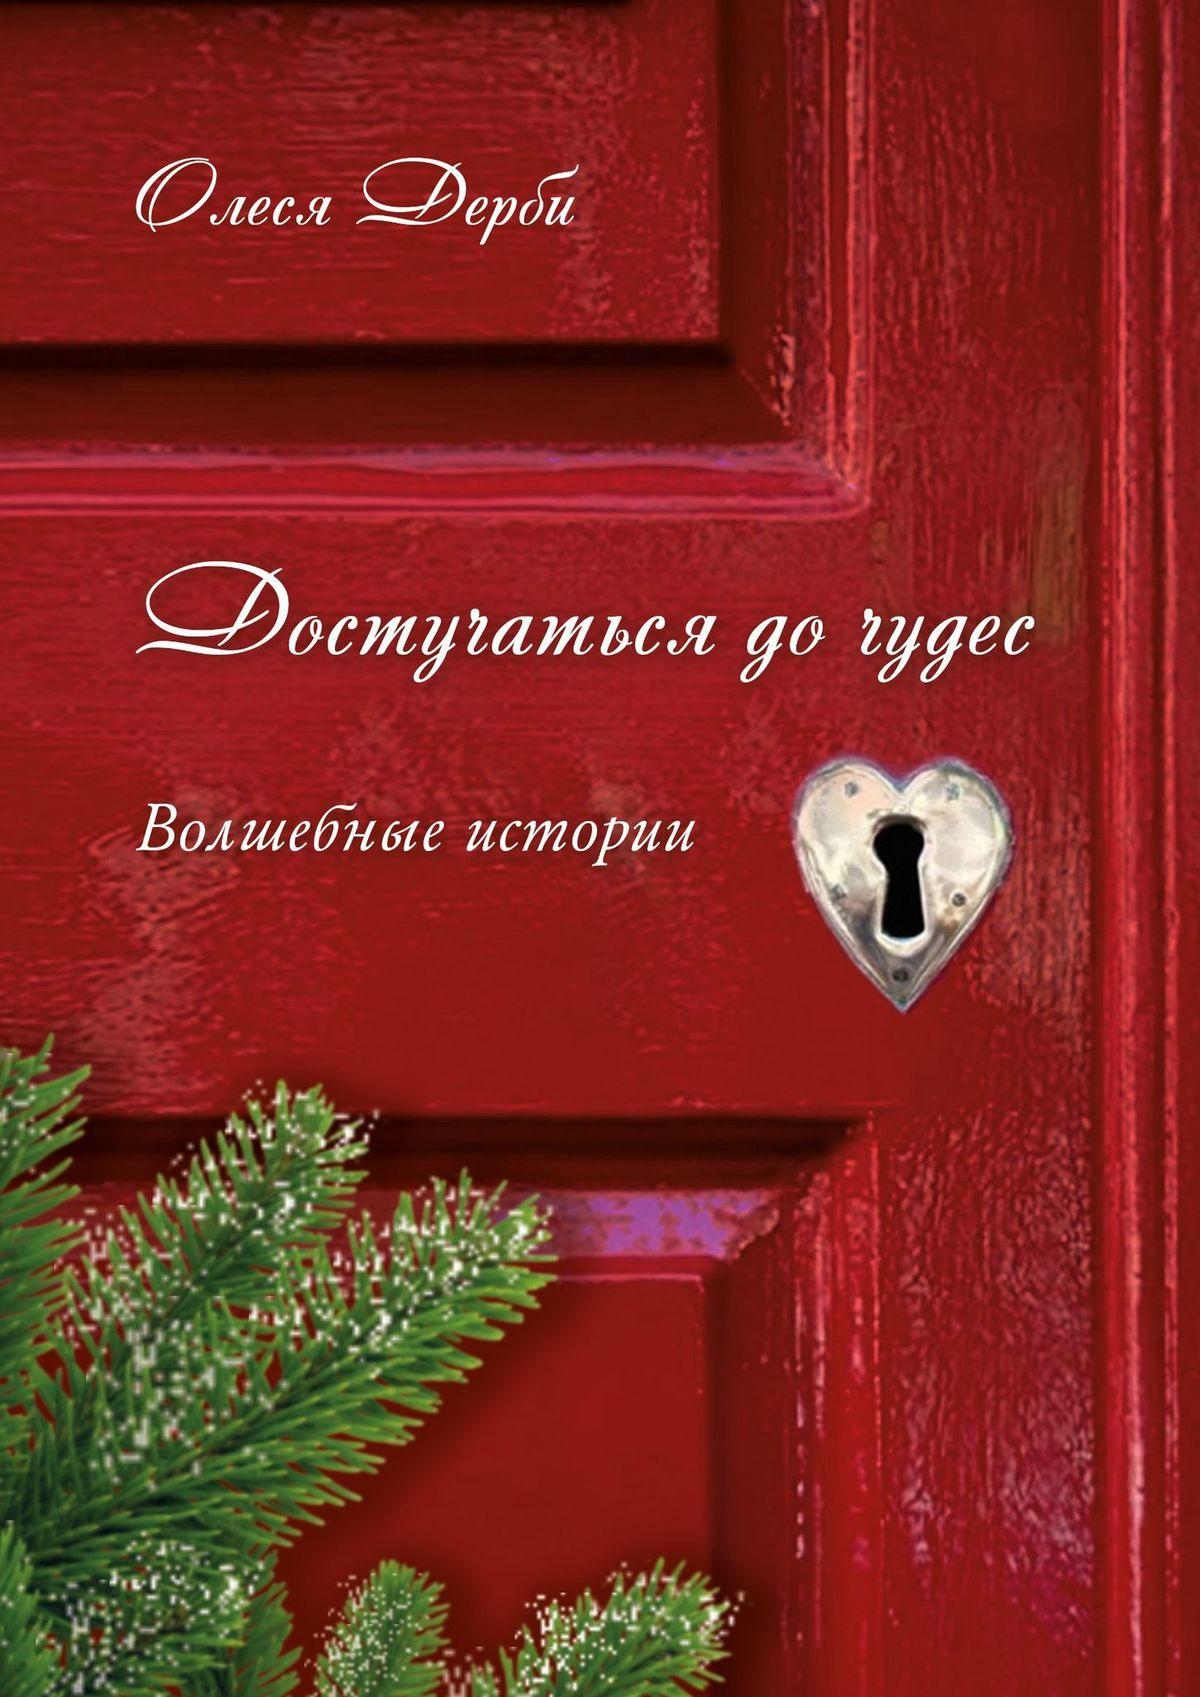 Олеся ДЕРБИ - Самая простая магия